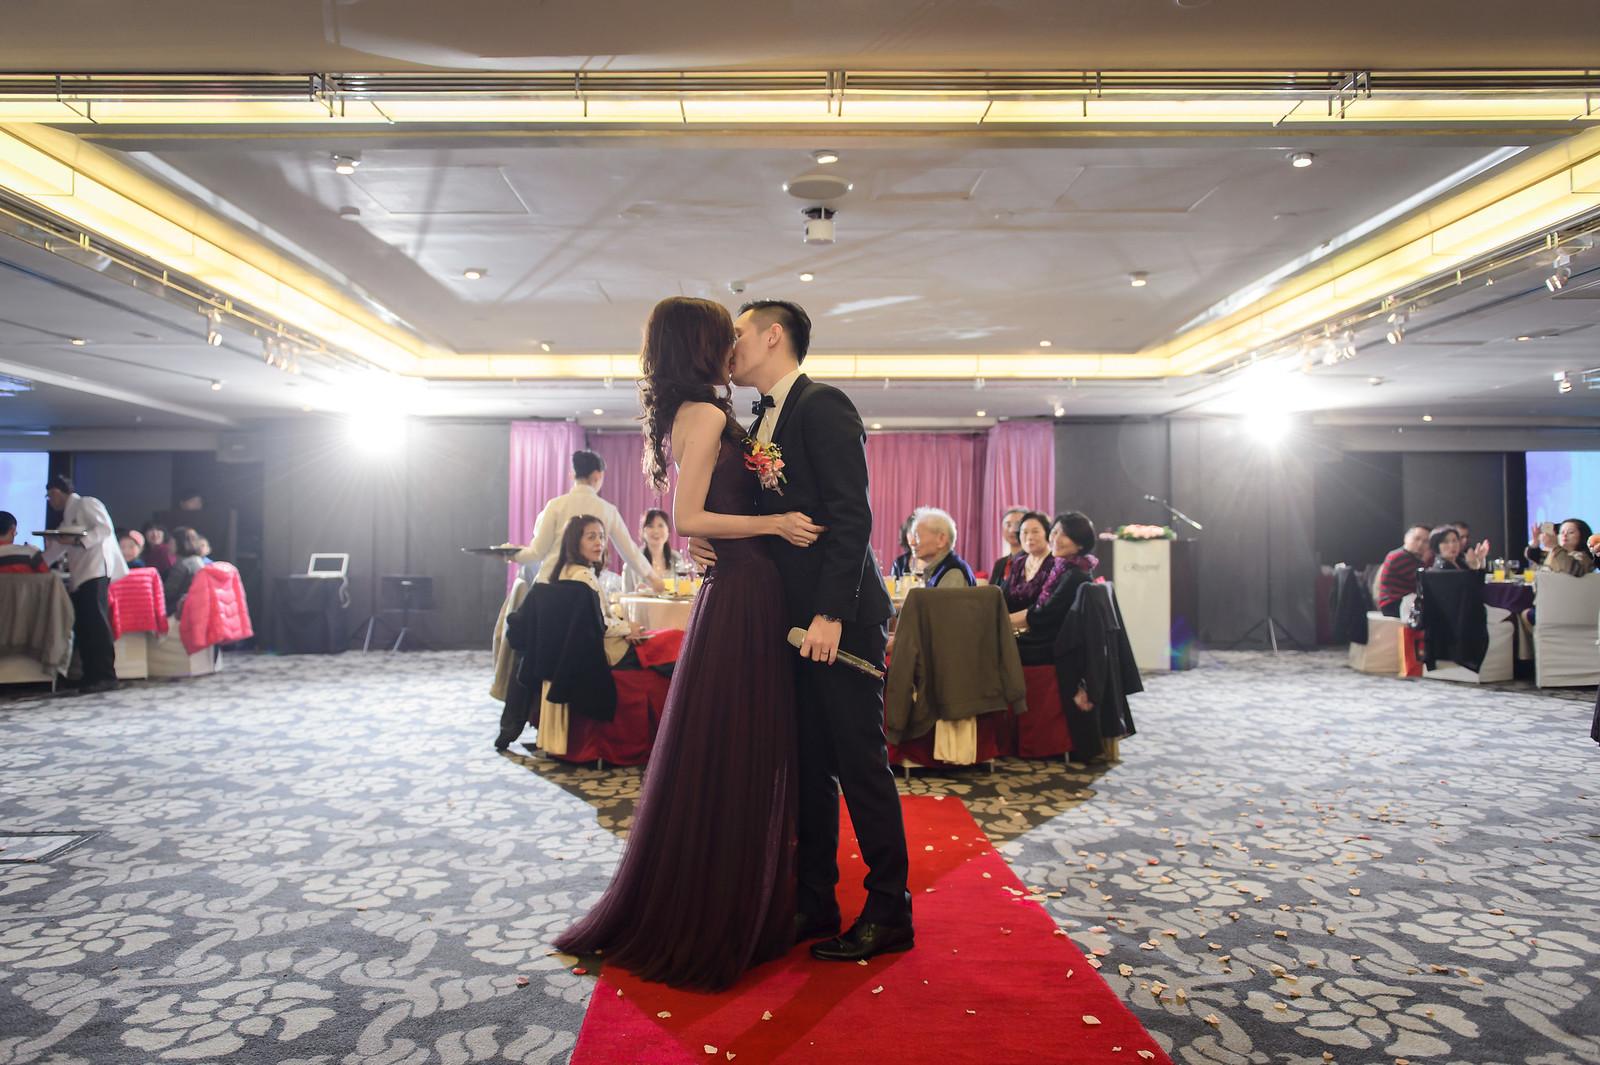 台北婚攝, 婚禮攝影, 婚攝, 婚攝守恆, 婚攝推薦, 晶華酒店, 晶華酒店婚宴, 晶華酒店婚攝-95